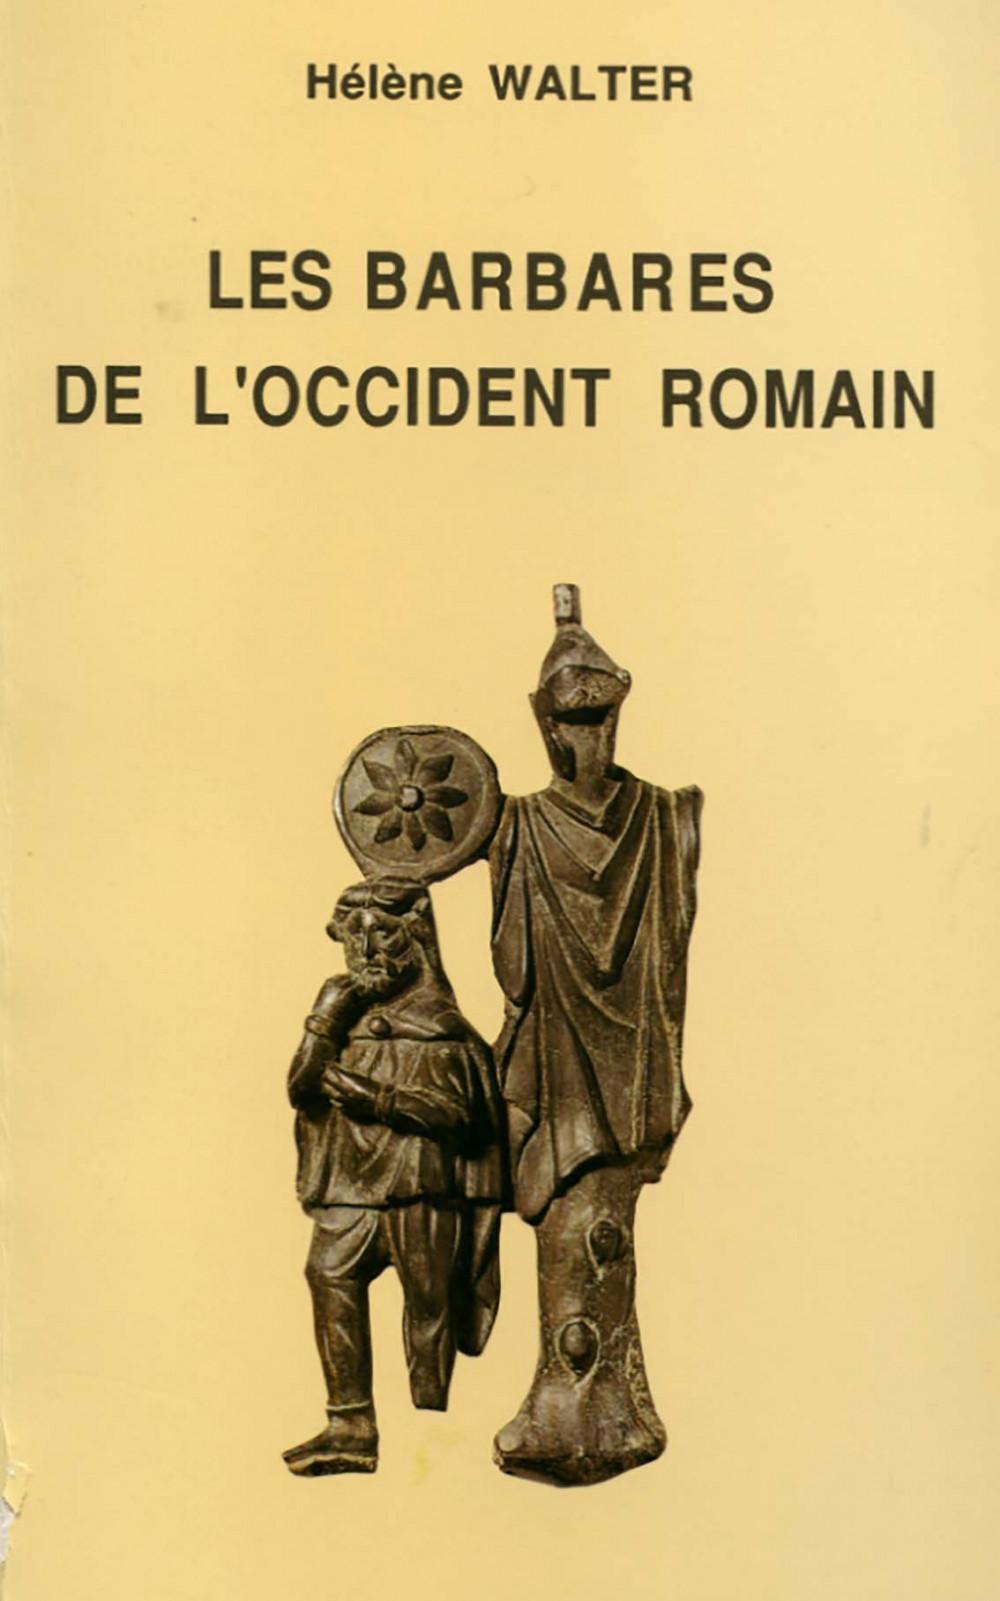 Les barbares de l'occident romain